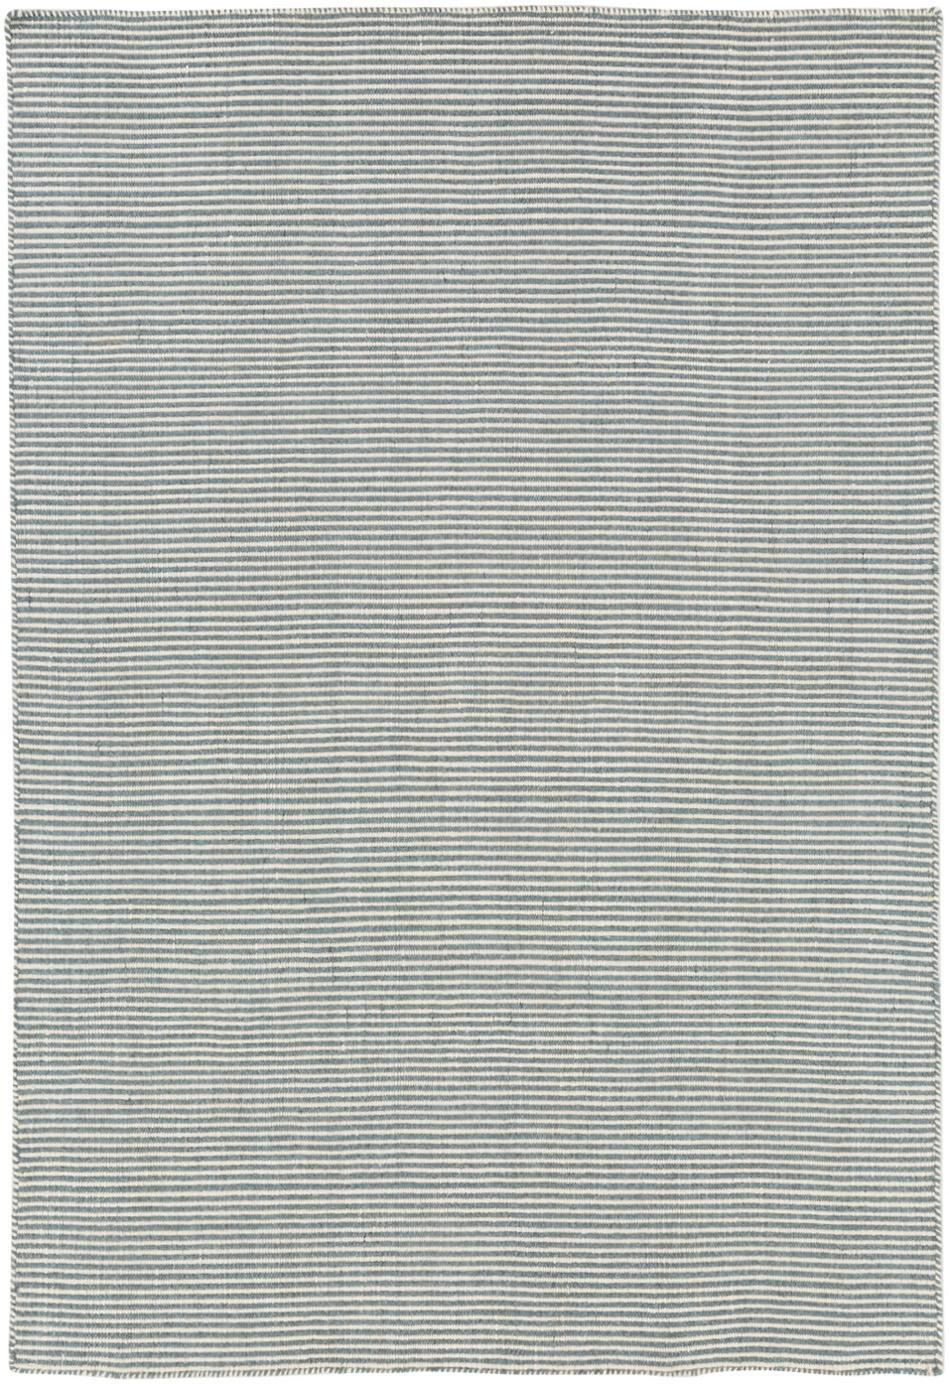 Alfombra artesanal de lana Ajo, Gris azulado, crema, An 140 x L 200 cm (Tamaño S)